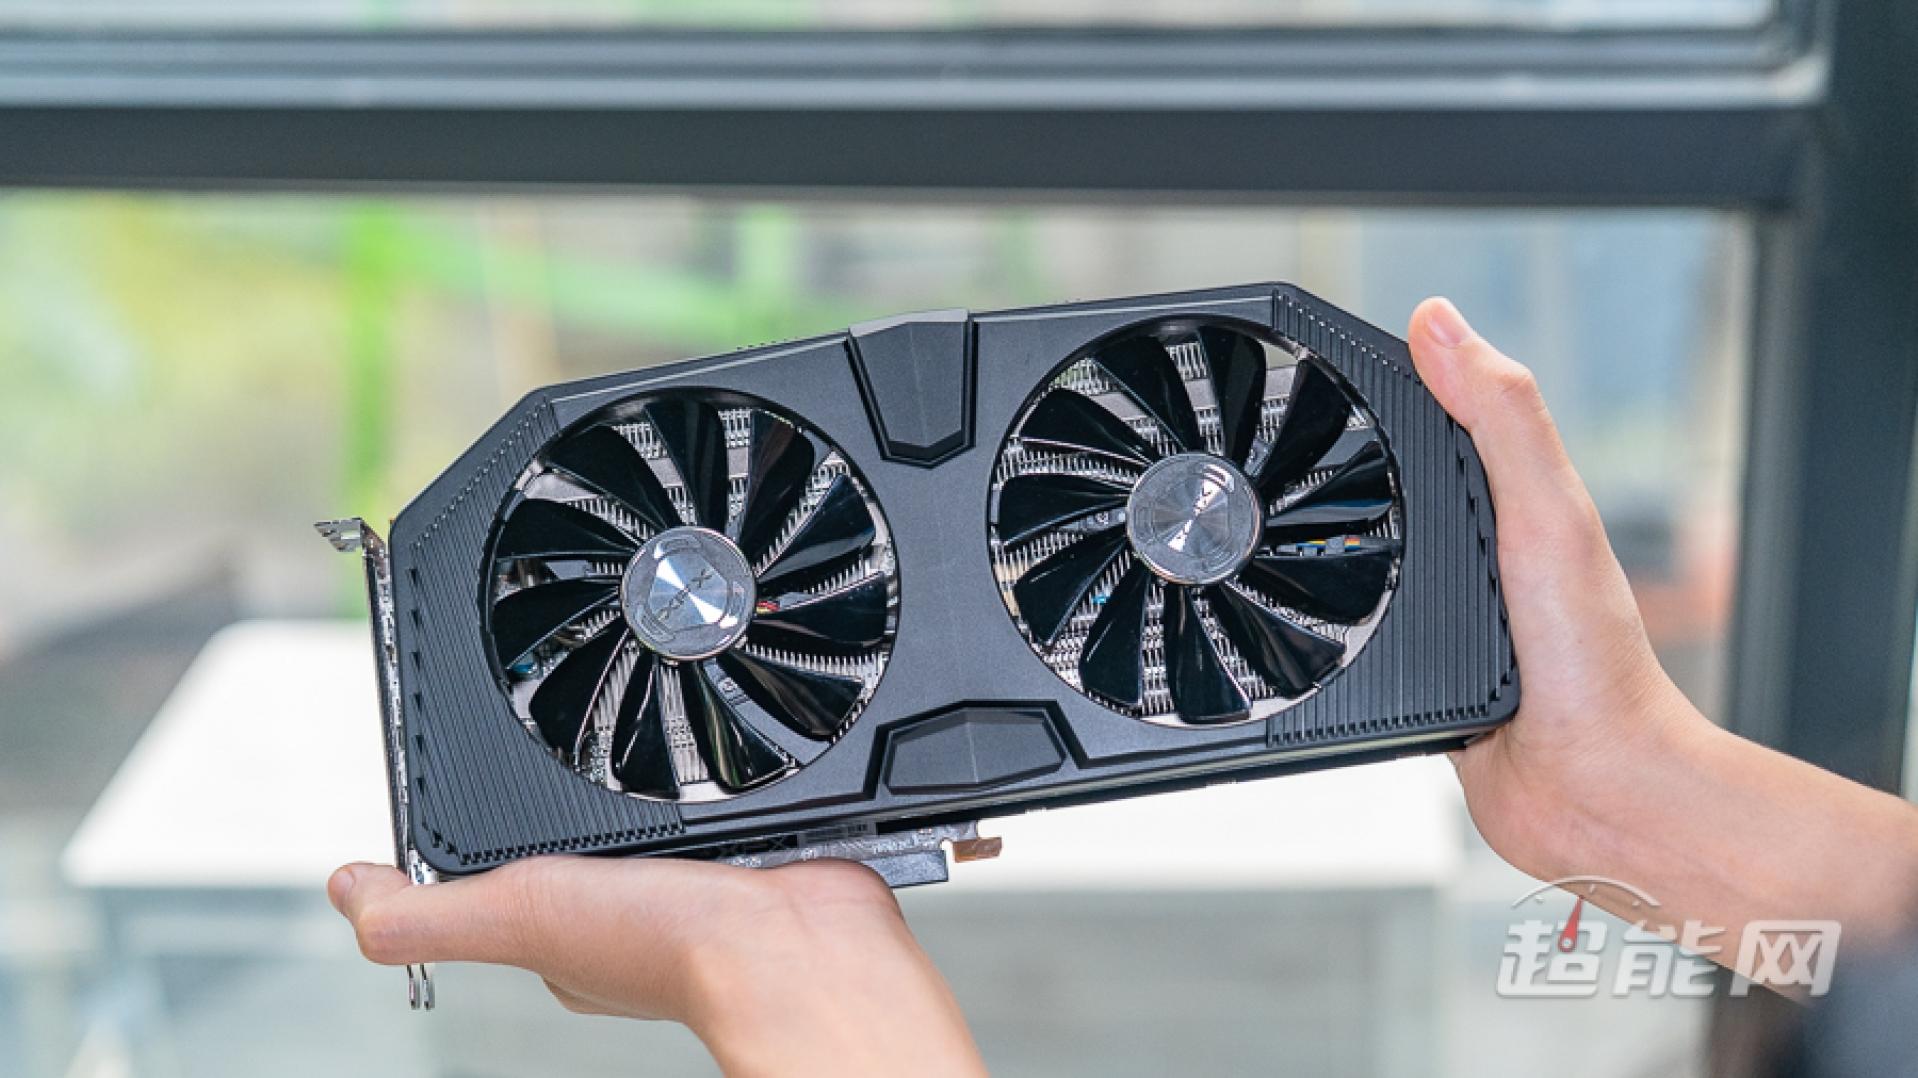 XFX's custom Radeon Navi RX 5700 XT has been Pictured ...